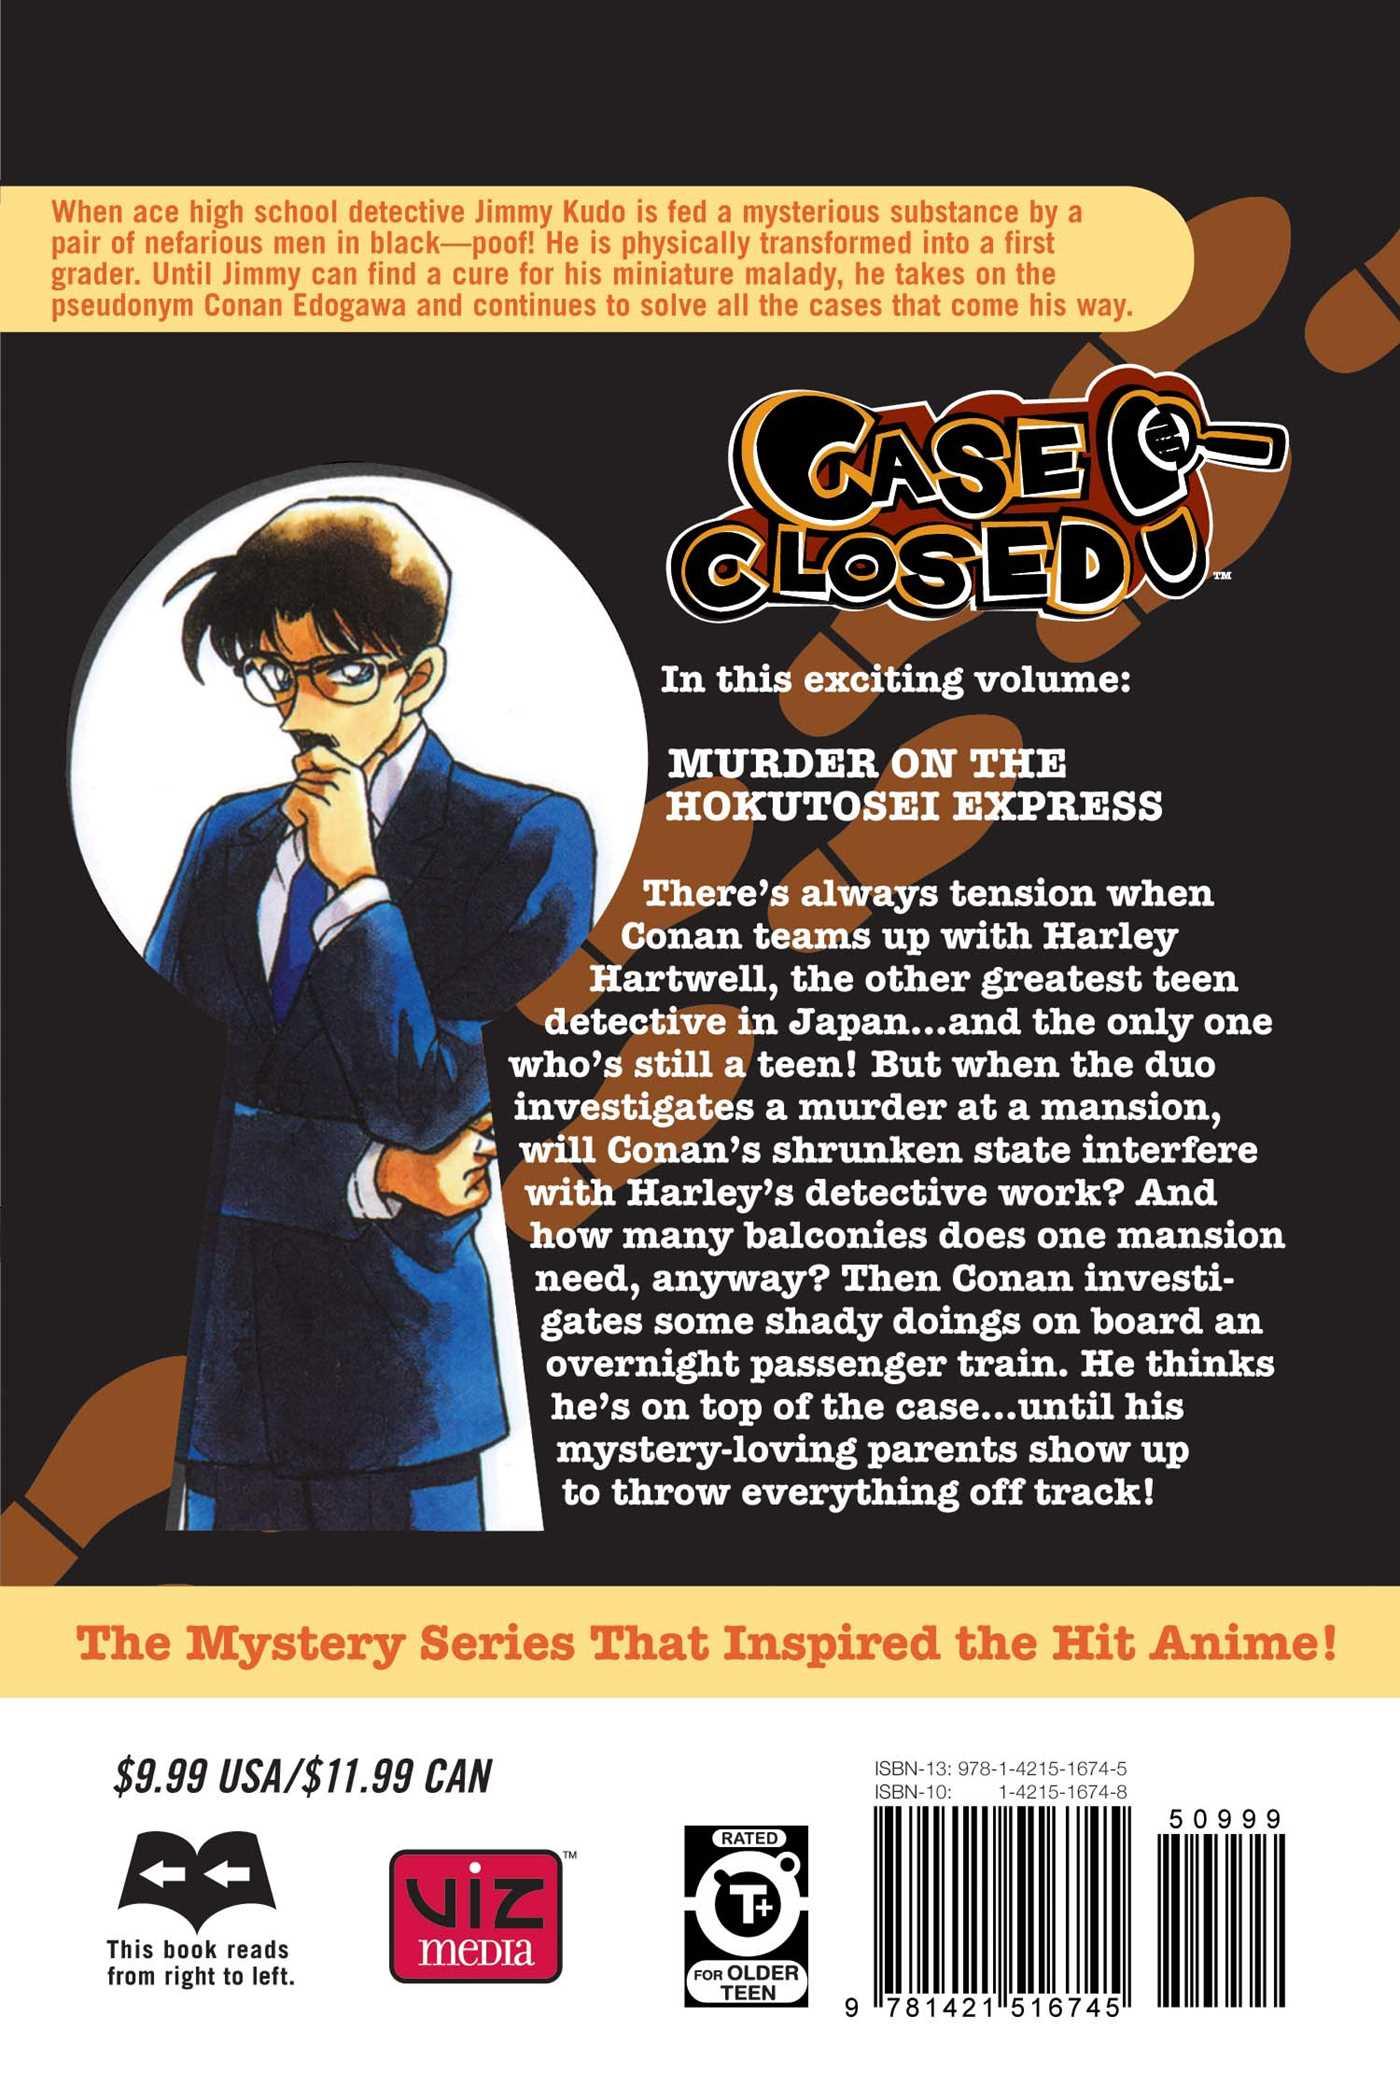 Vol 22 Case Closed